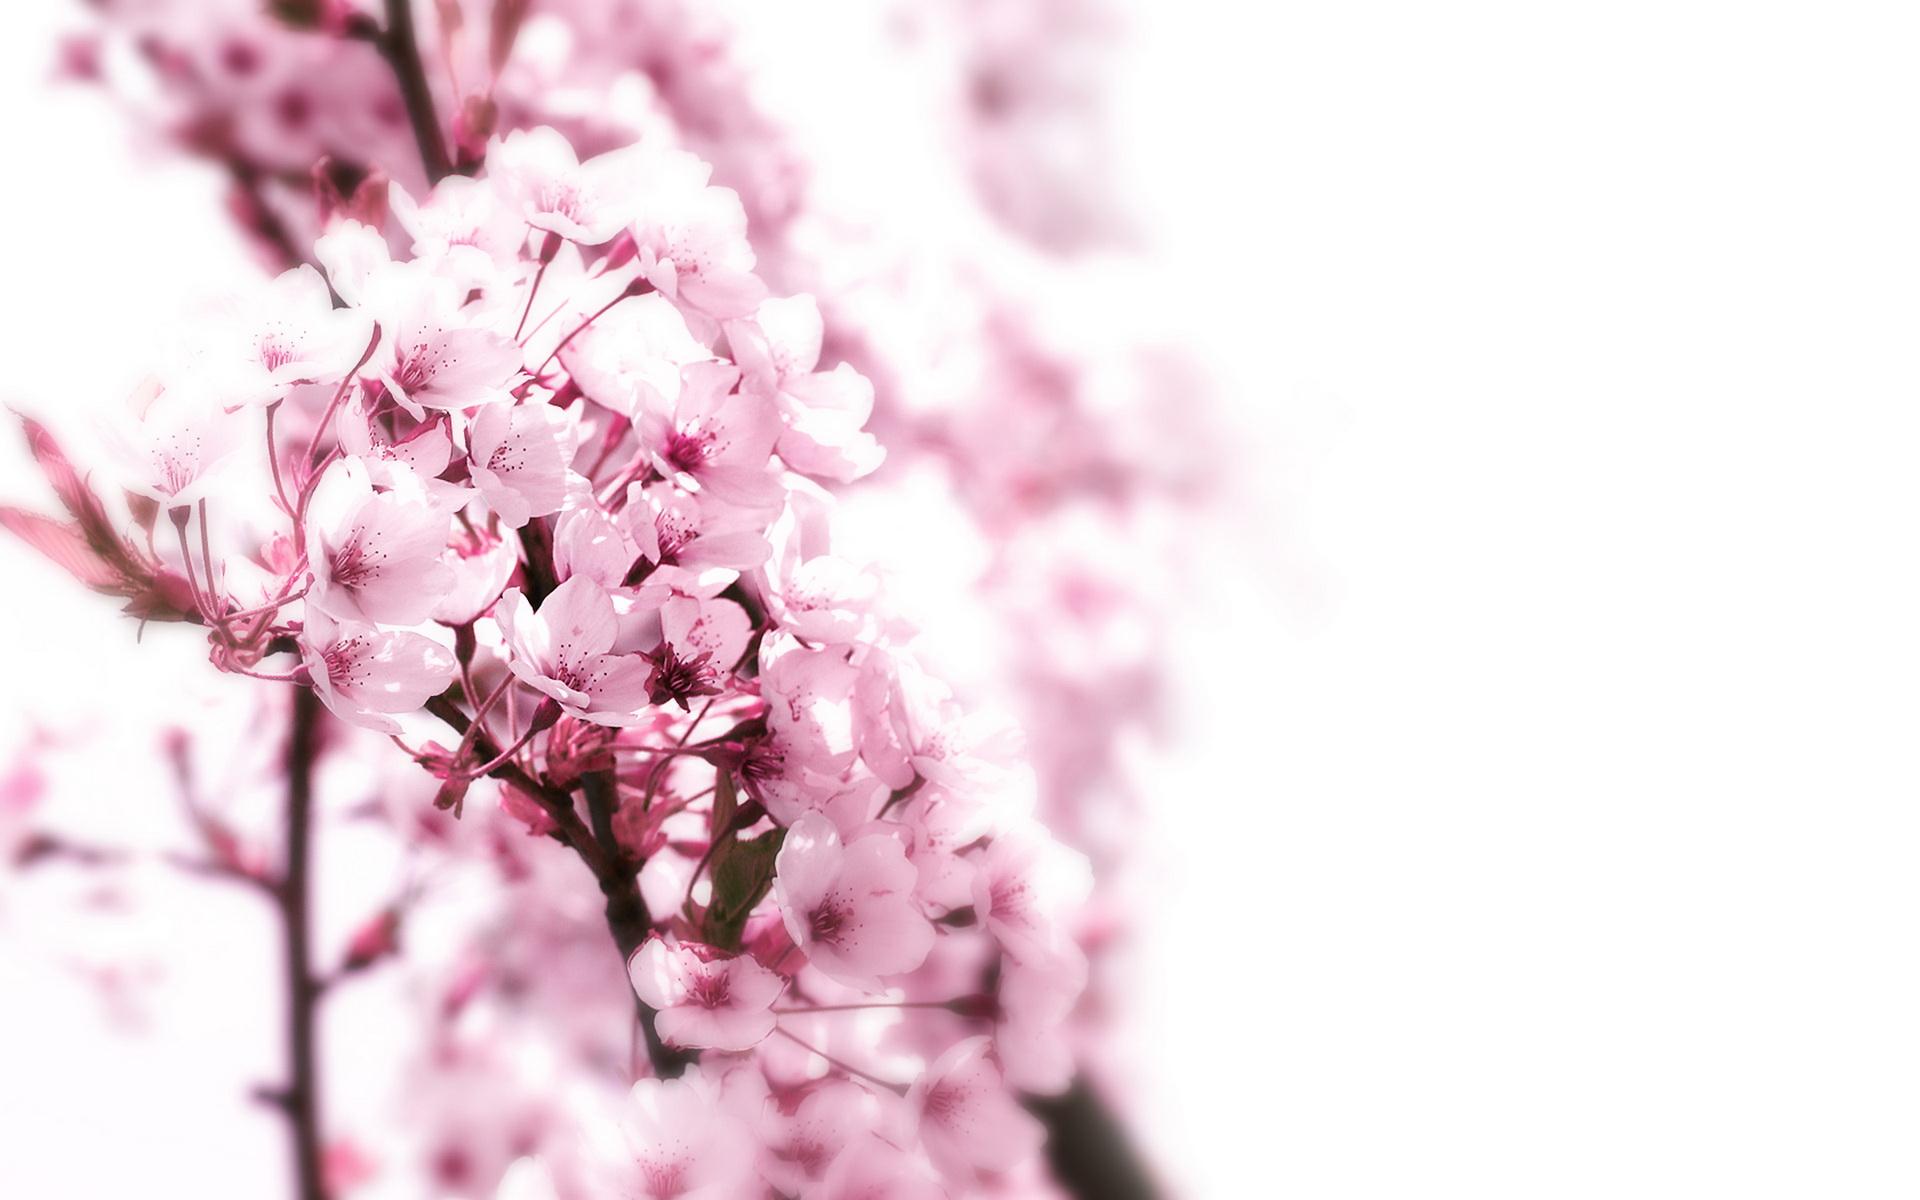 بالصور اجمل وردة في العالم , صور جديدة لاجمل وردة فى العالم 5548